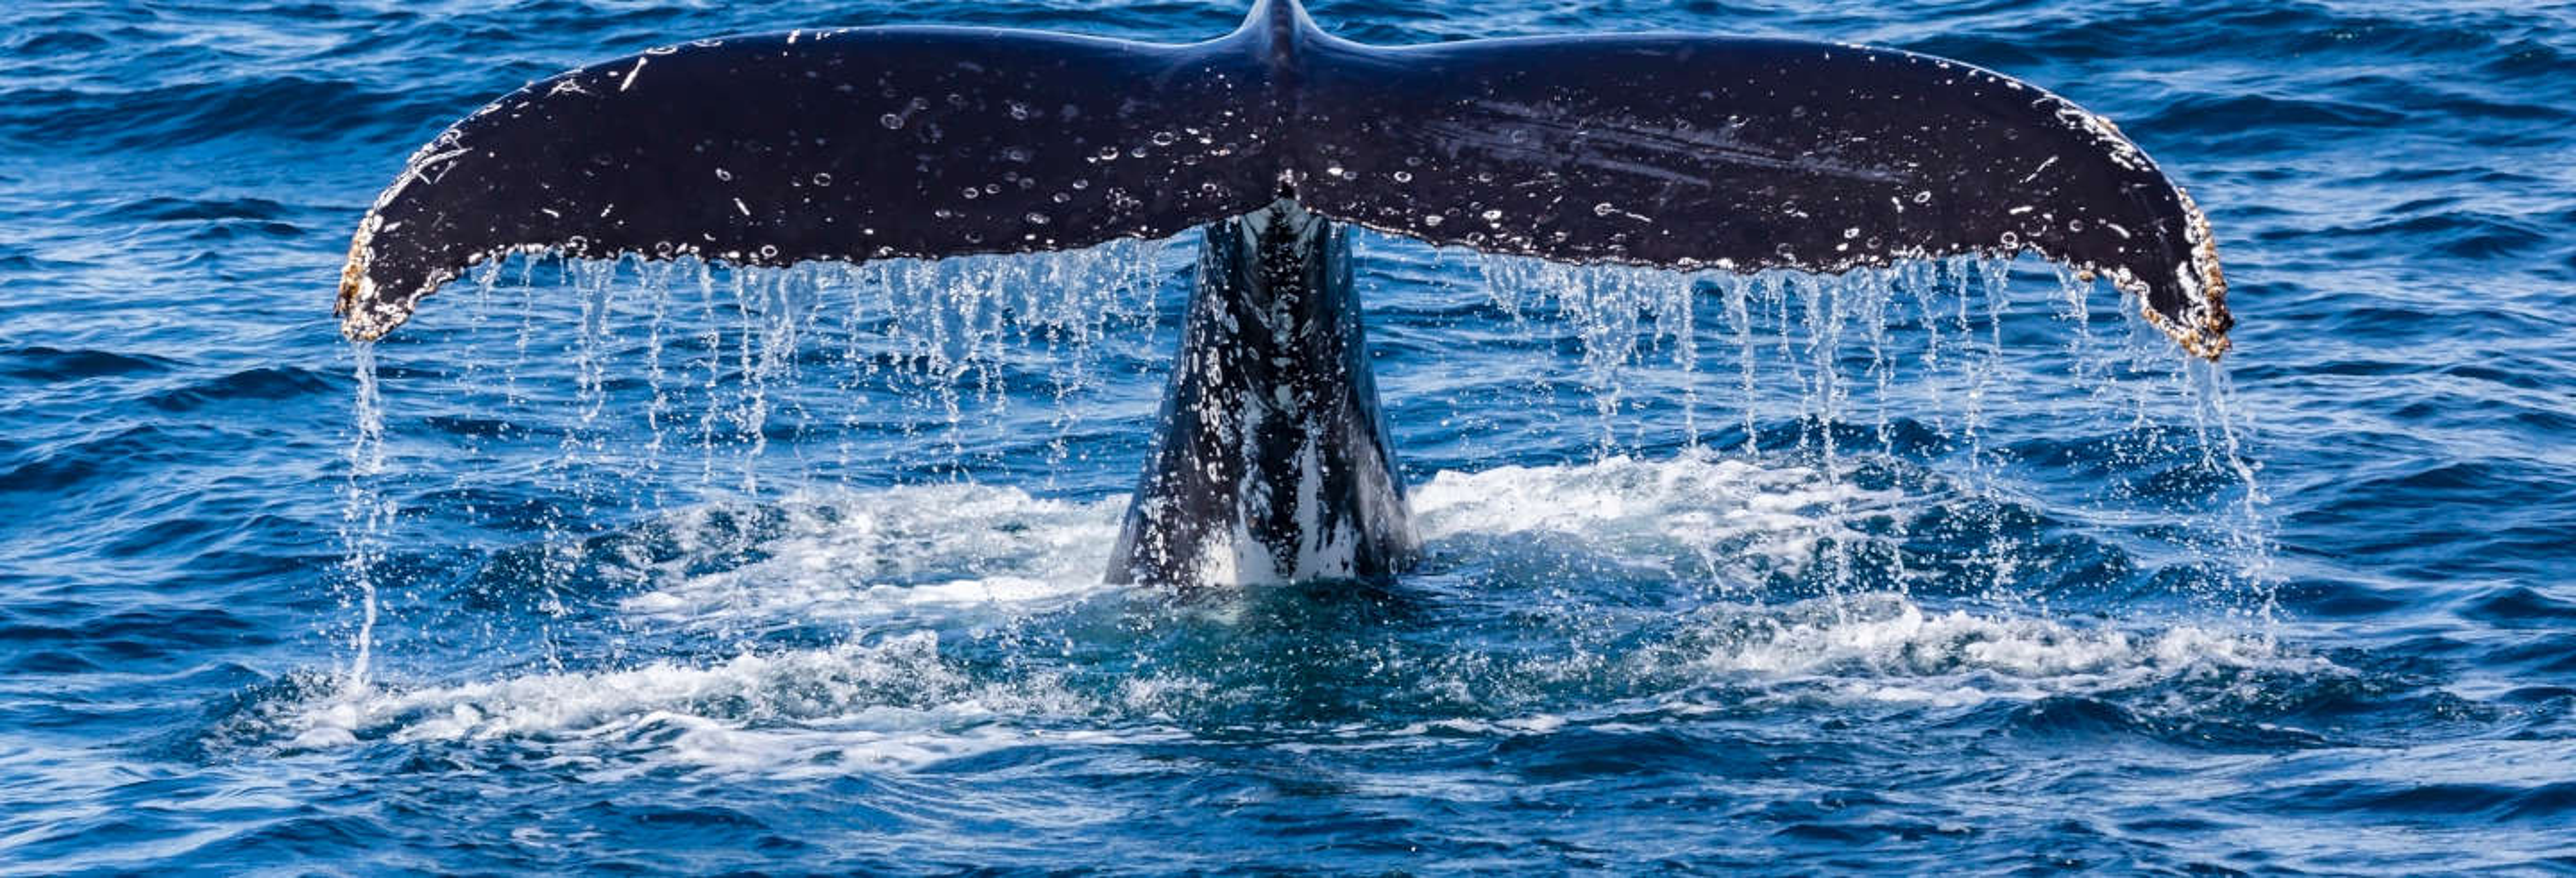 Avistamiento de ballenas en Perth